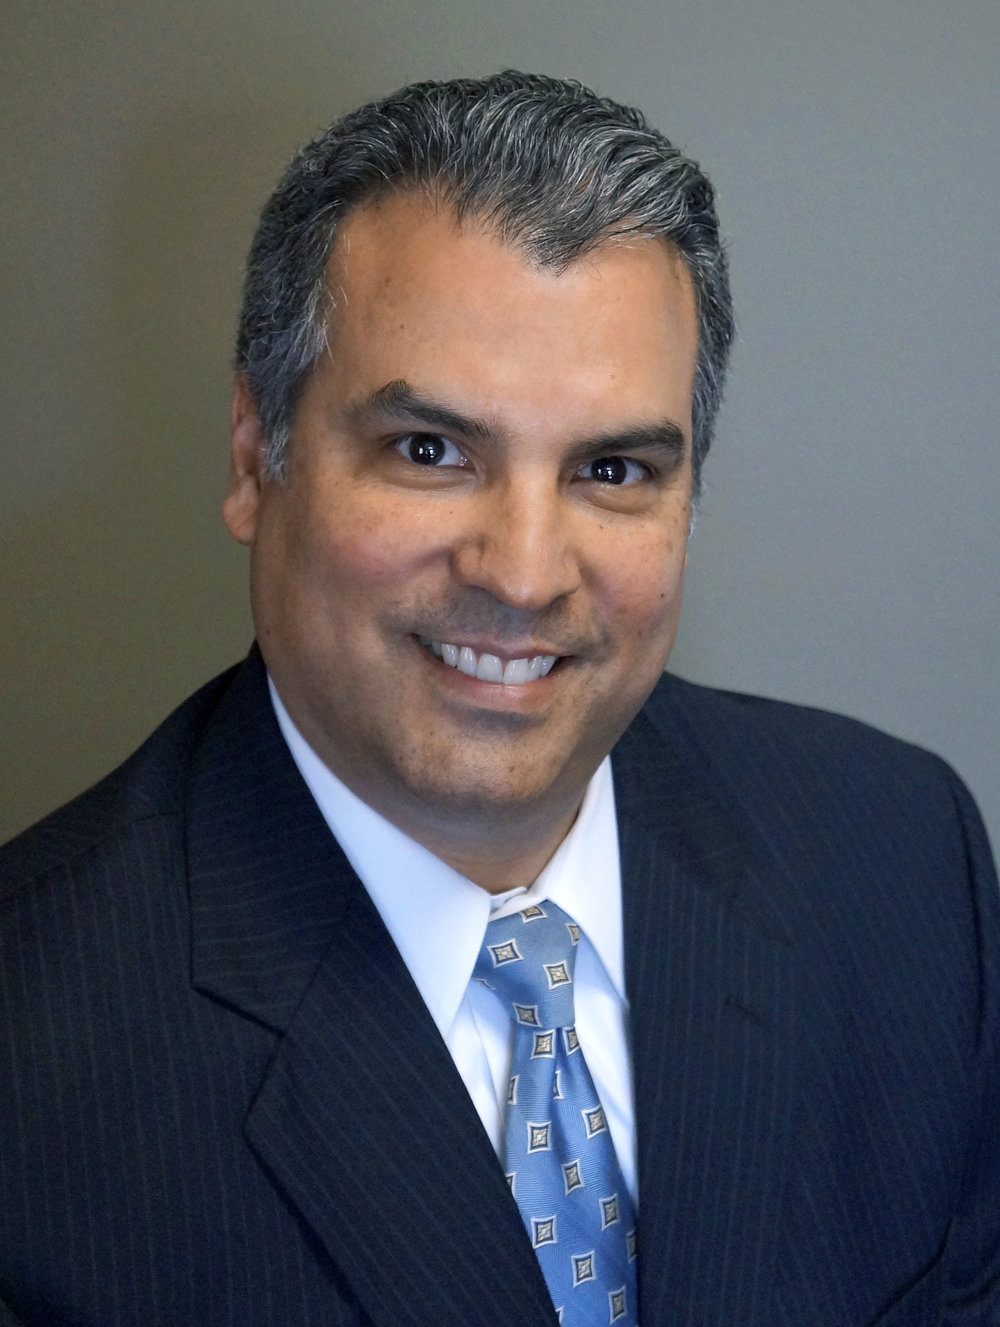 Rigo J. Saborio  President & CEO  St. Barnabas Senior Services (SBSS)